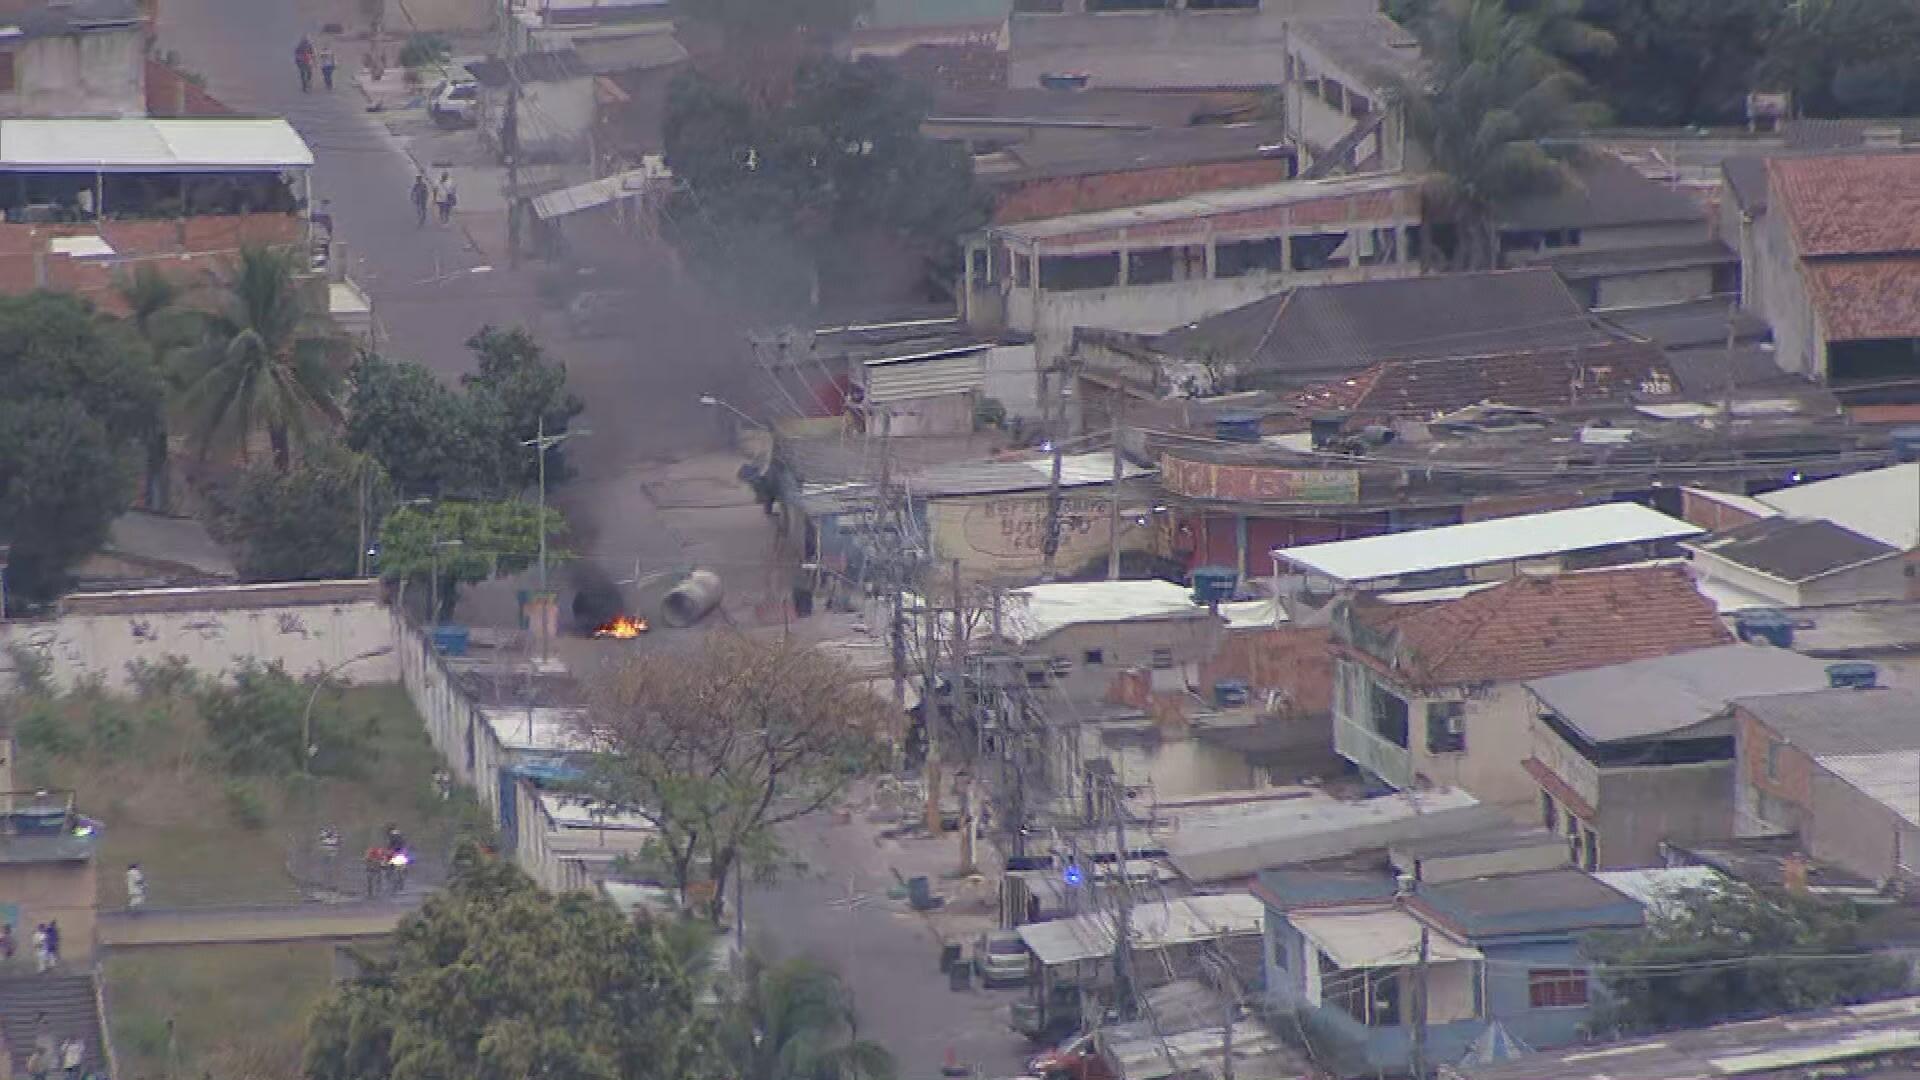 Força-tarefa da PM realiza operação na Vila Kennedy e em Senador Camará, Zona Oeste do Rio